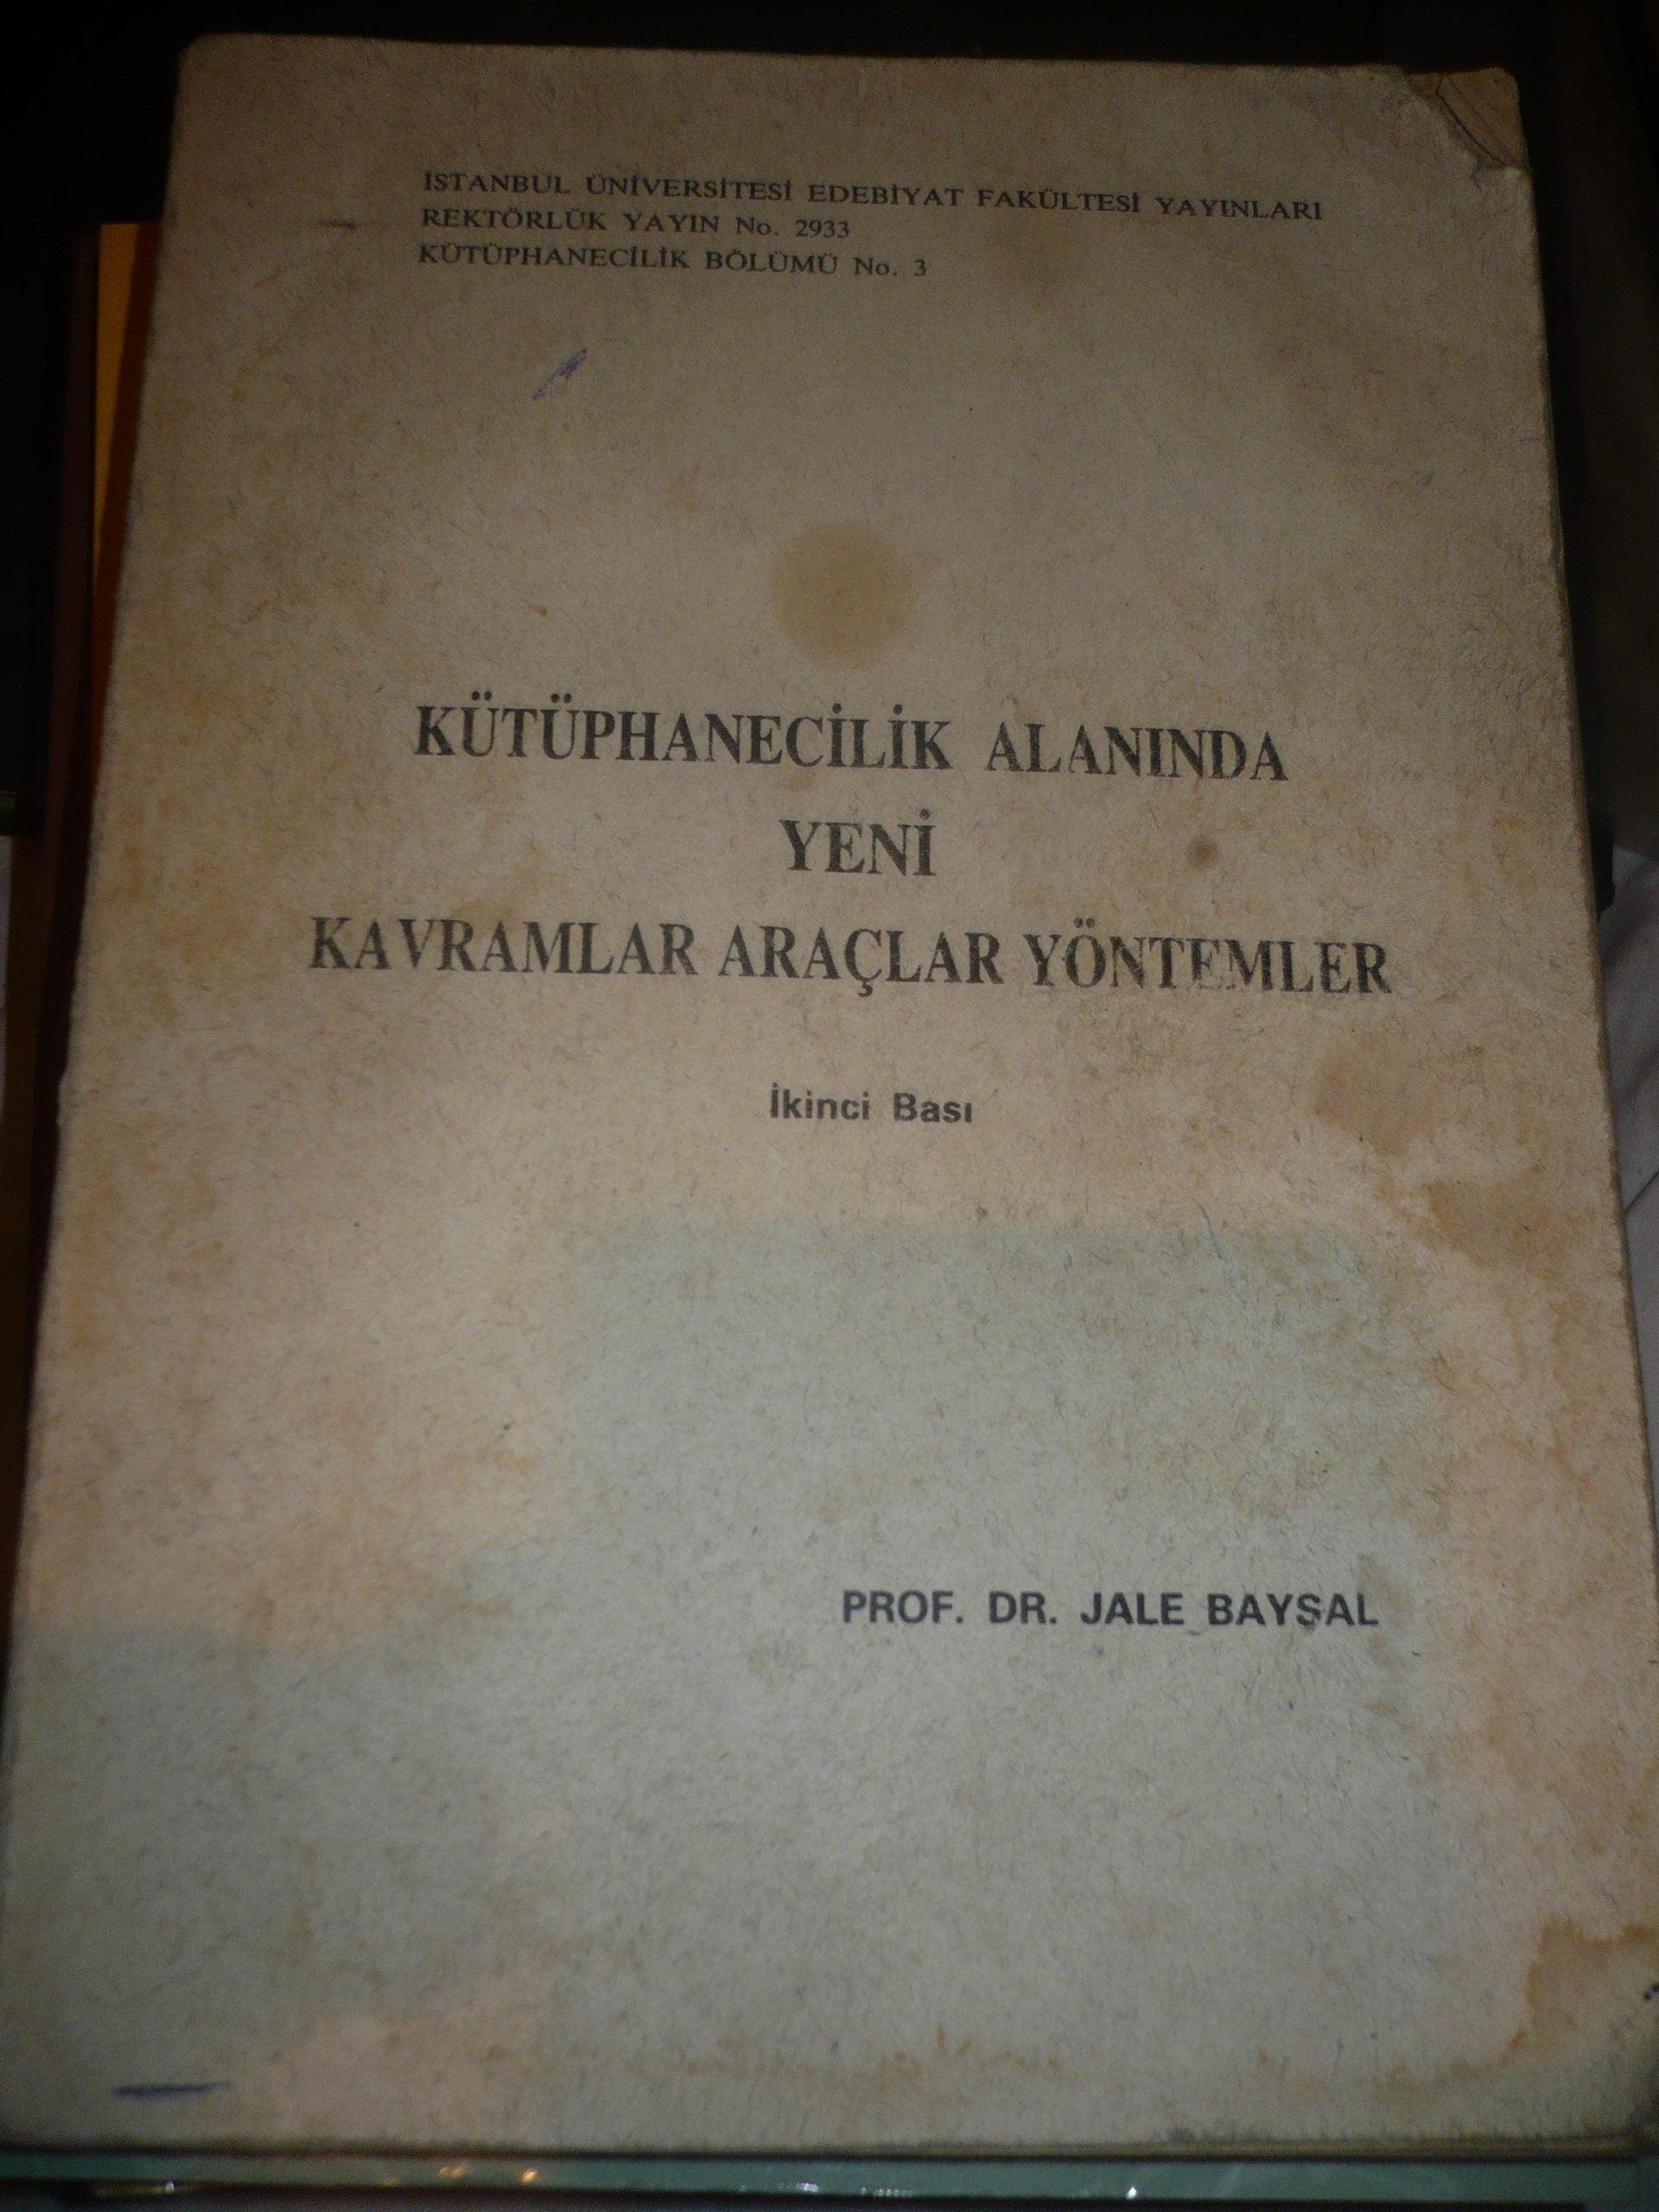 Kütüphanecilik alanında yeni kavramlar araçlar yöntemler/Jale BAYSAL/ 20 tl